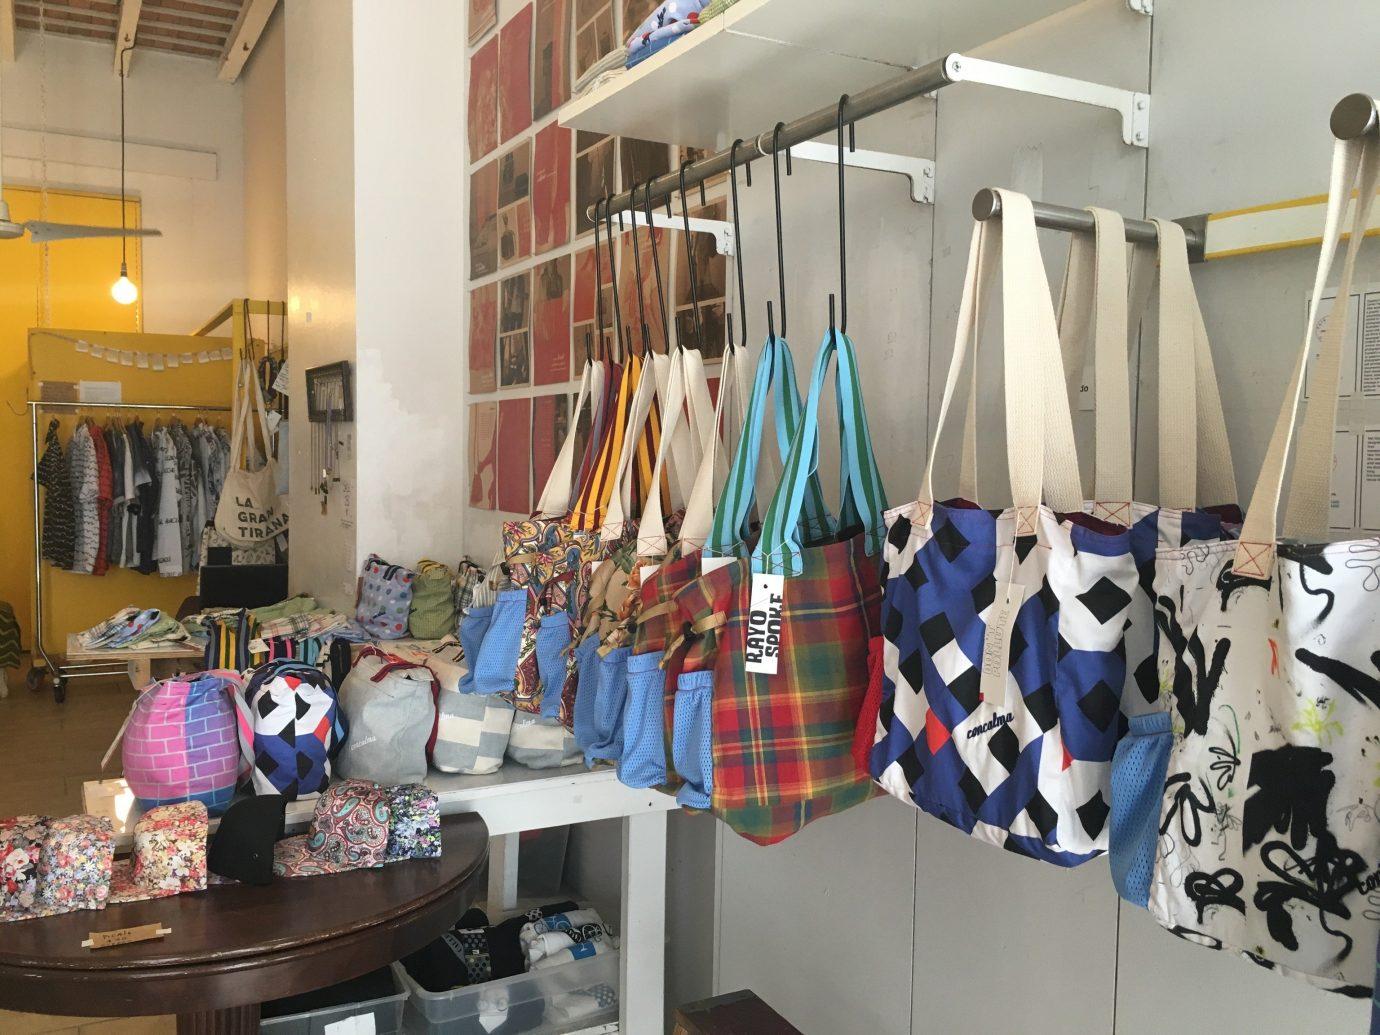 Jetsetter Guides indoor room Boutique hanging art interior design Design shopping cluttered several